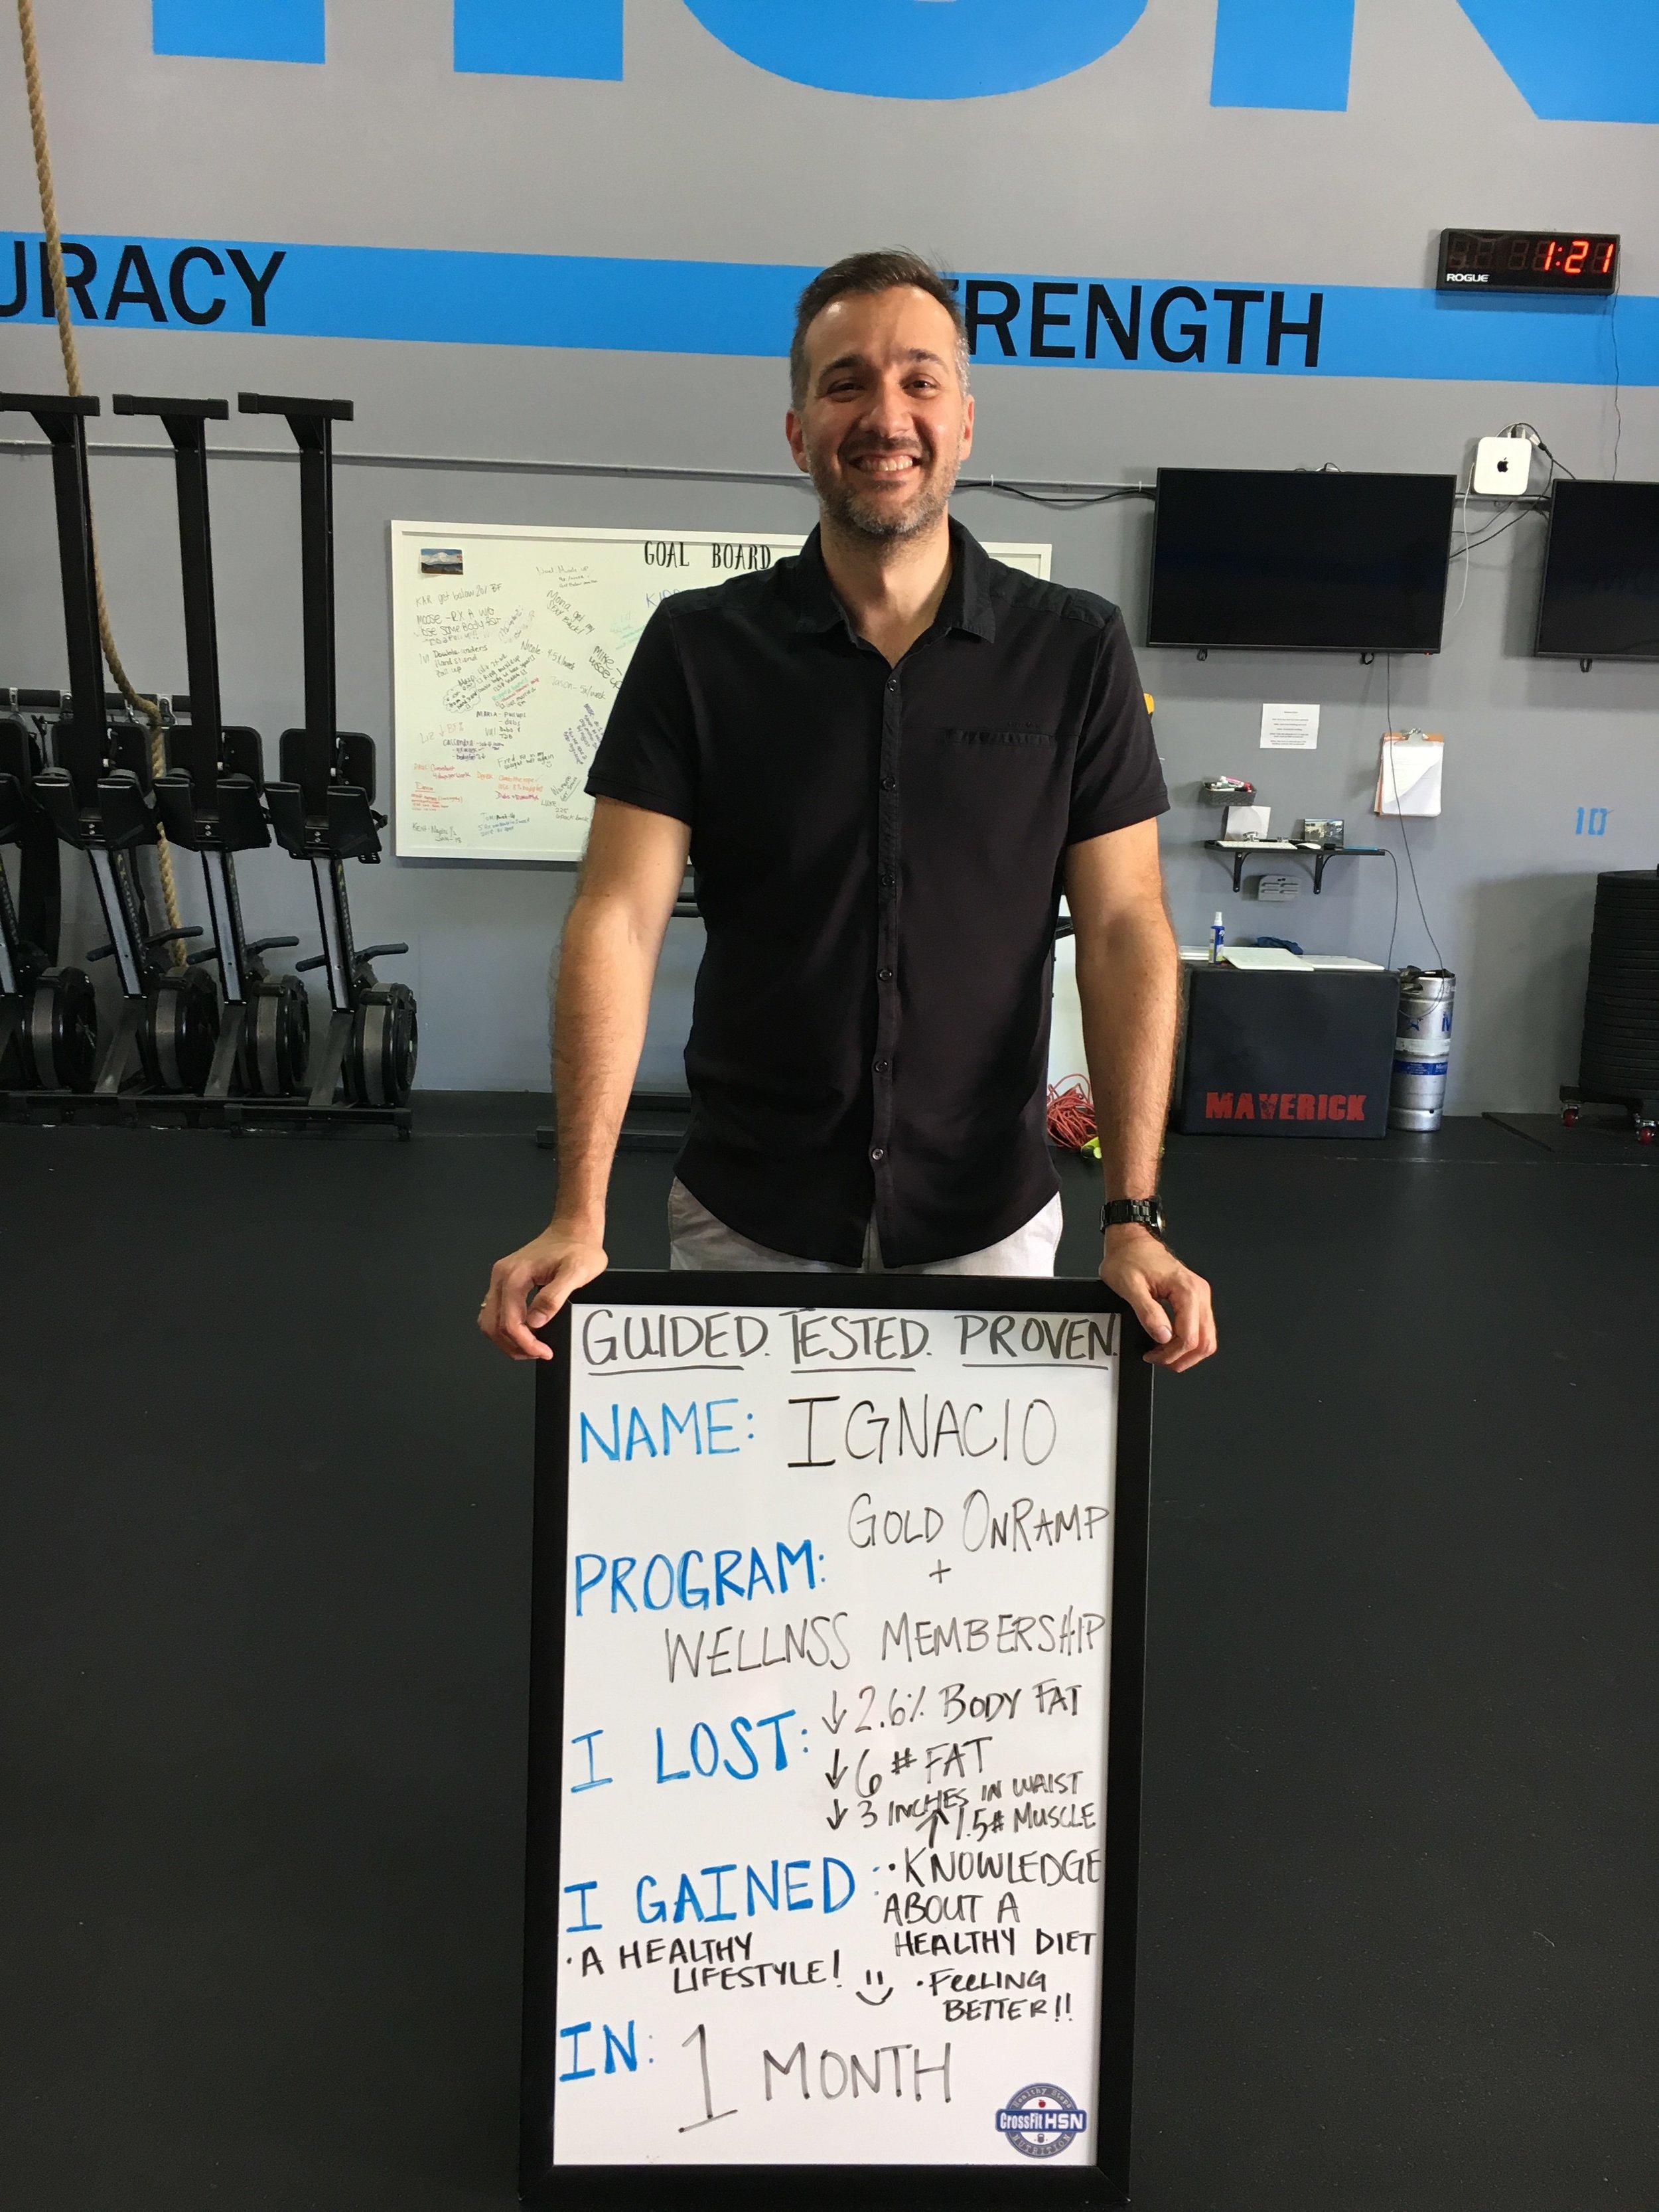 How Ignacio lost 5 lbs in 4 weeks